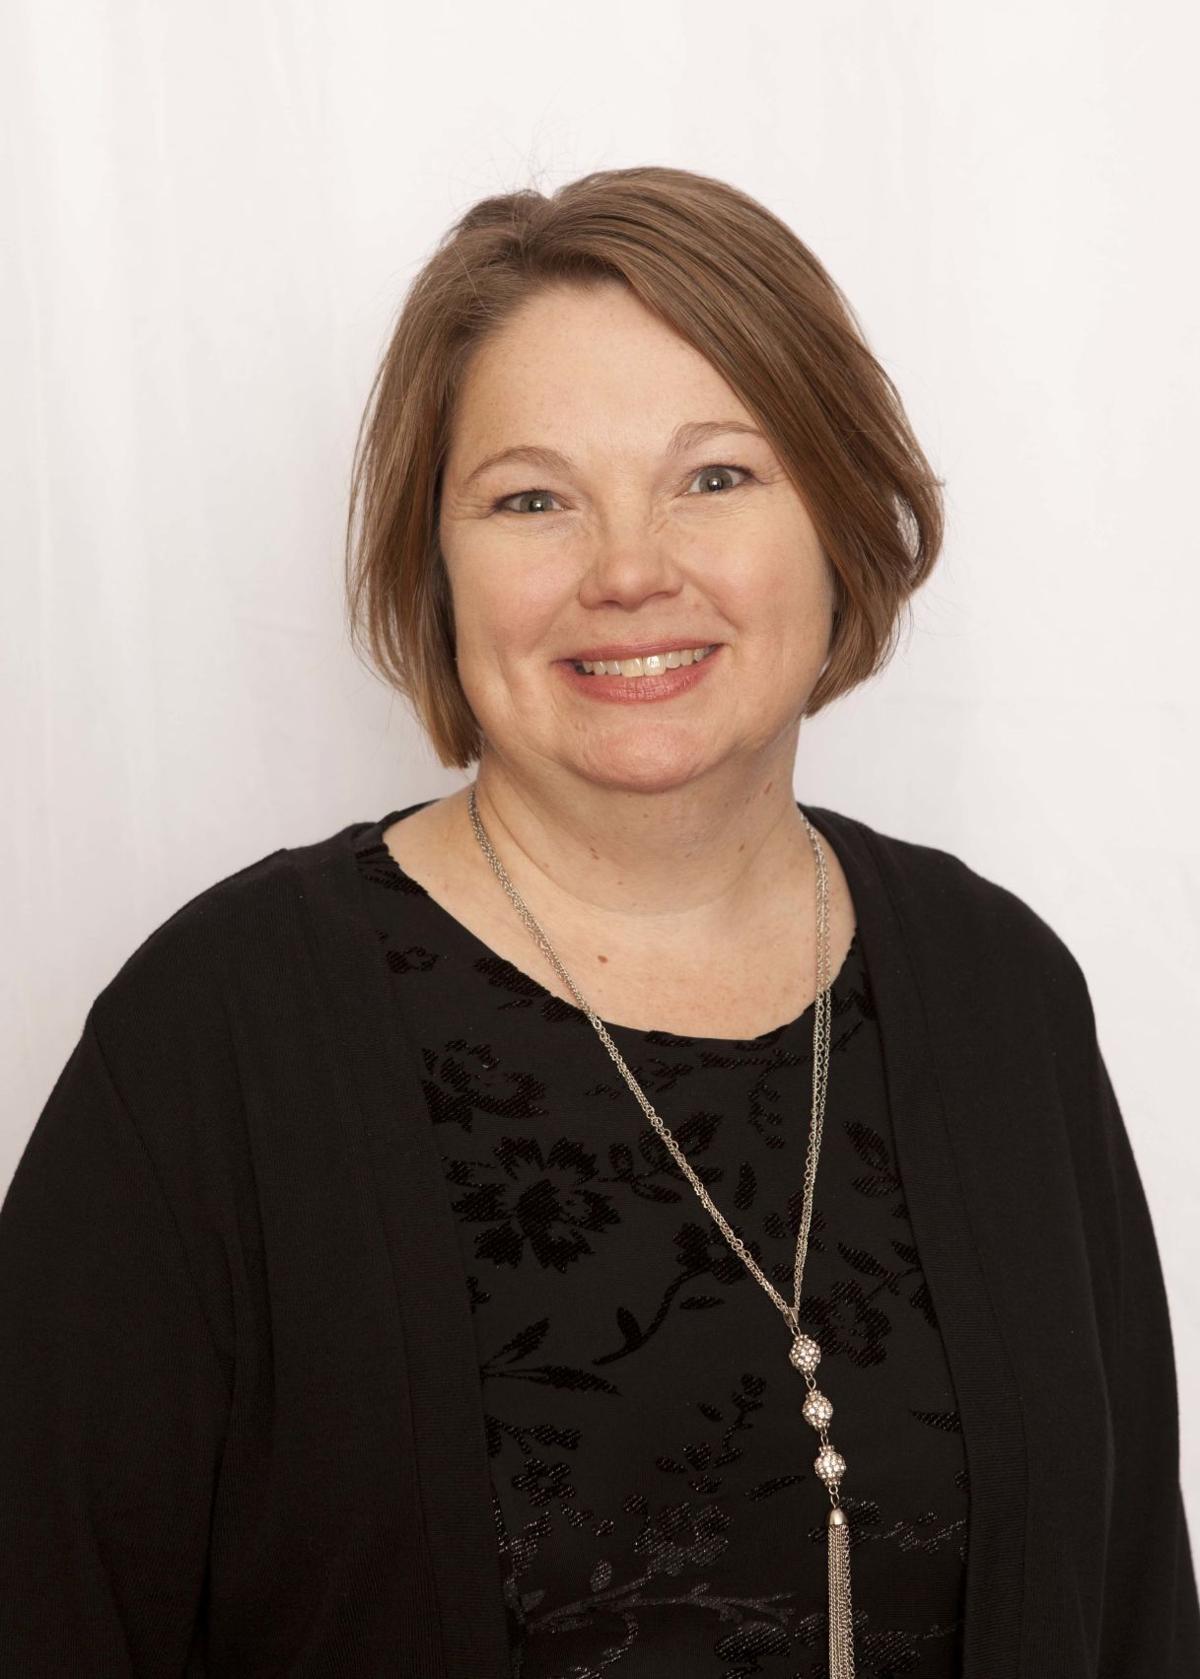 Wendy McCartt